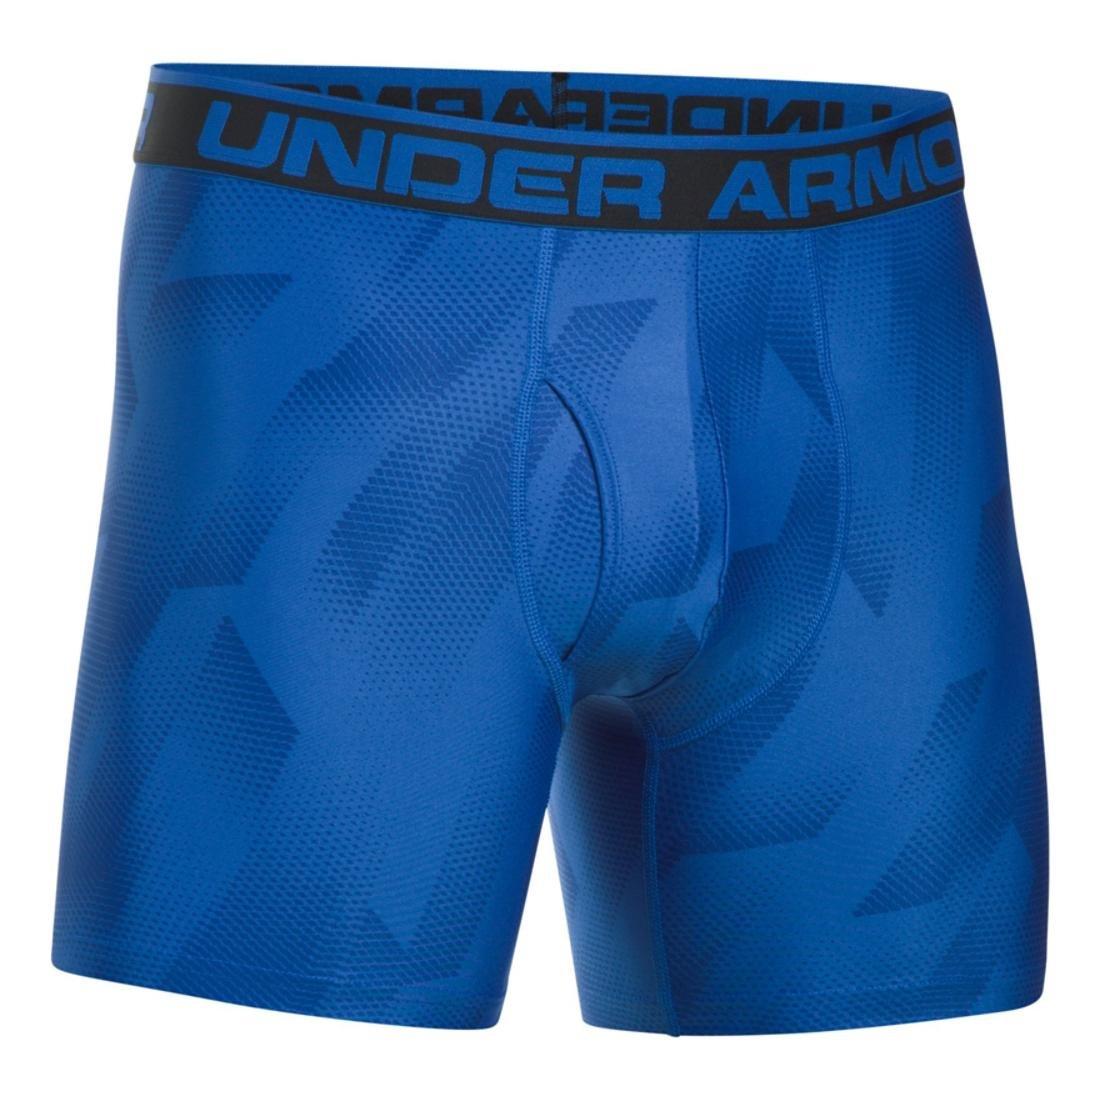 (アンダーアーマー)UNDER ARMOUR UA ORIGINAL 6'' BOXERJOCK PRINT B01FF0C05W XXXXX-Large|Blue Marker/ Blue Marker Blue Marker/ Blue Marker XXXXX-Large